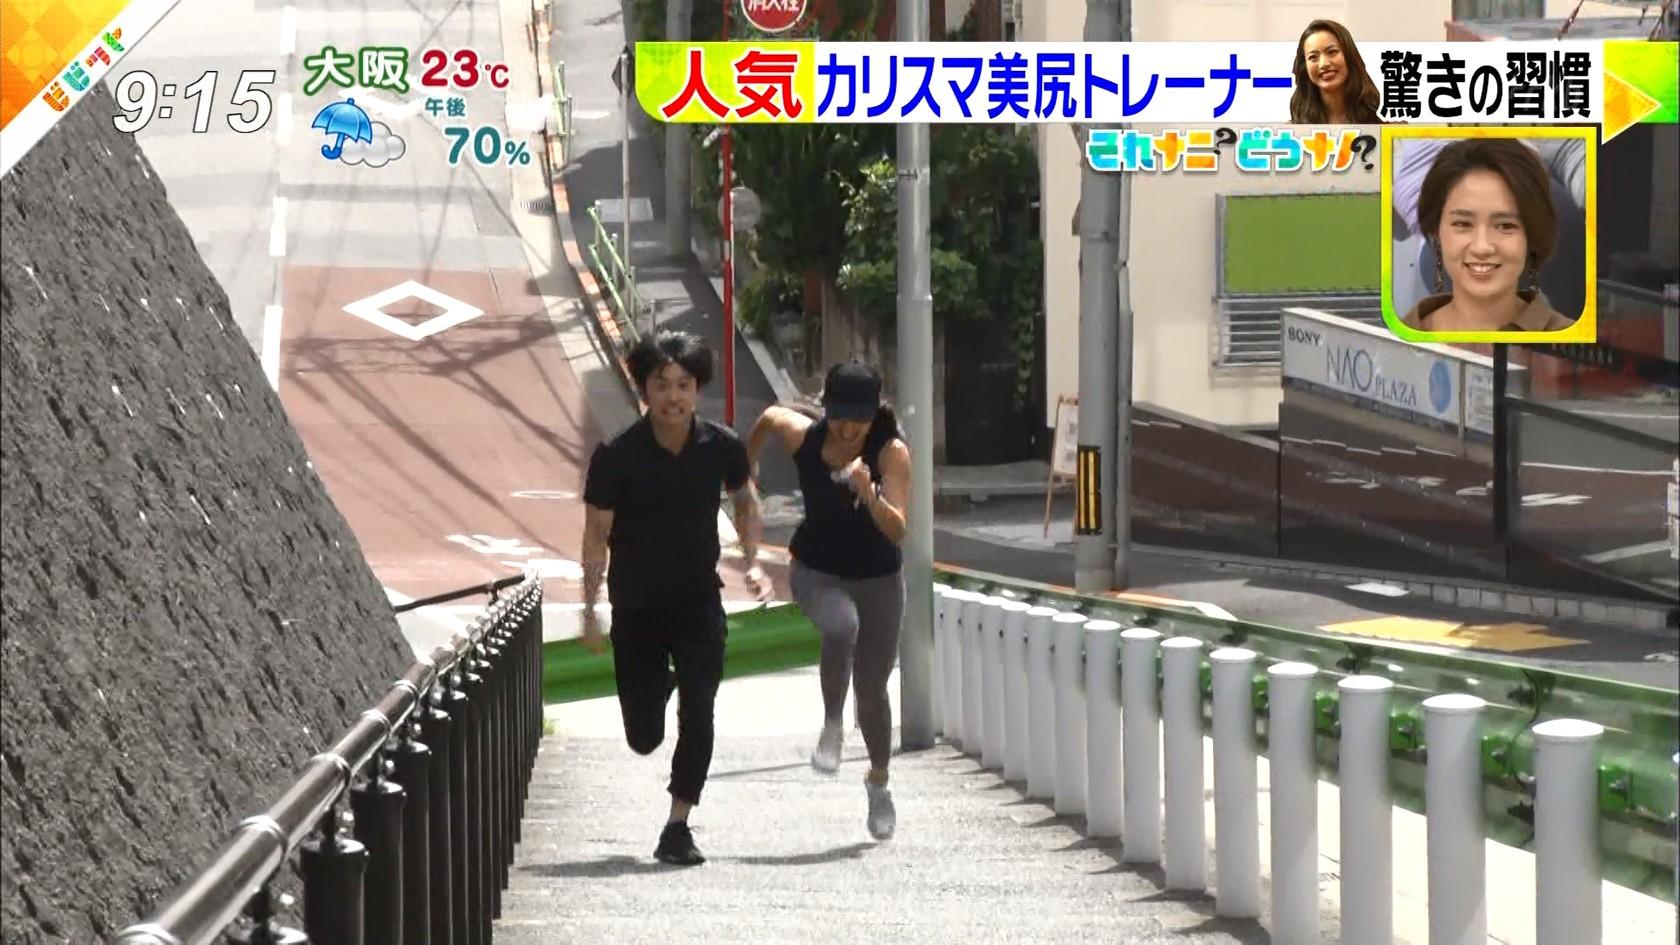 岡部友_美尻_スパッツ_テレビキャプ画像_20